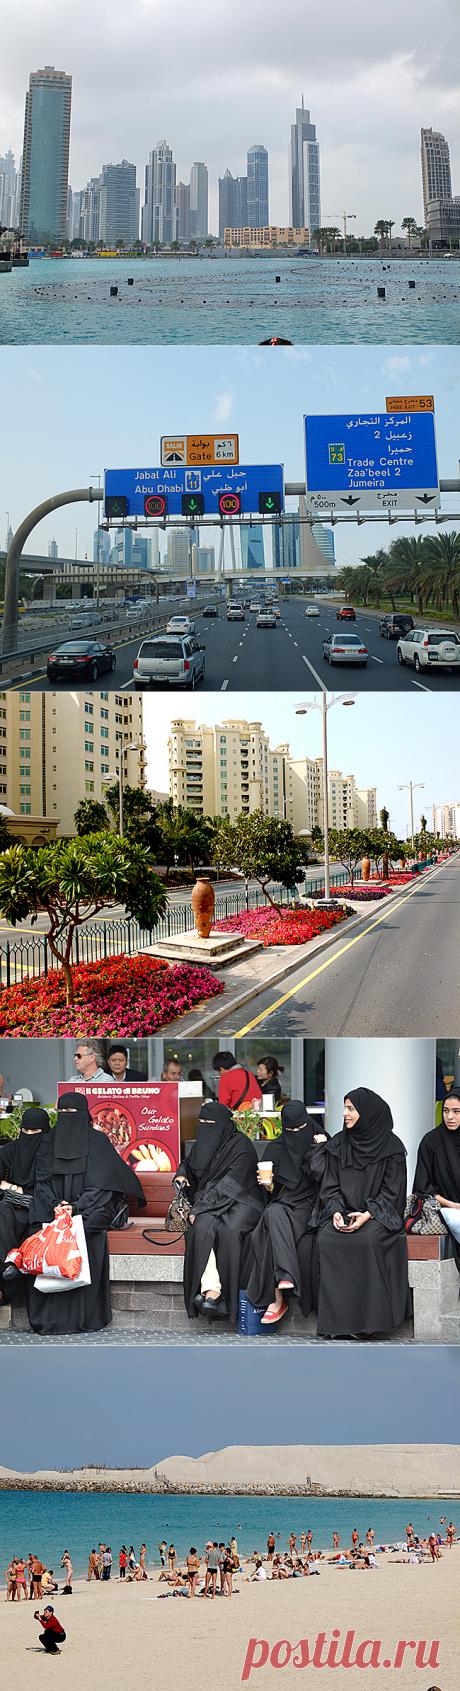 Обещанный Дубай  -